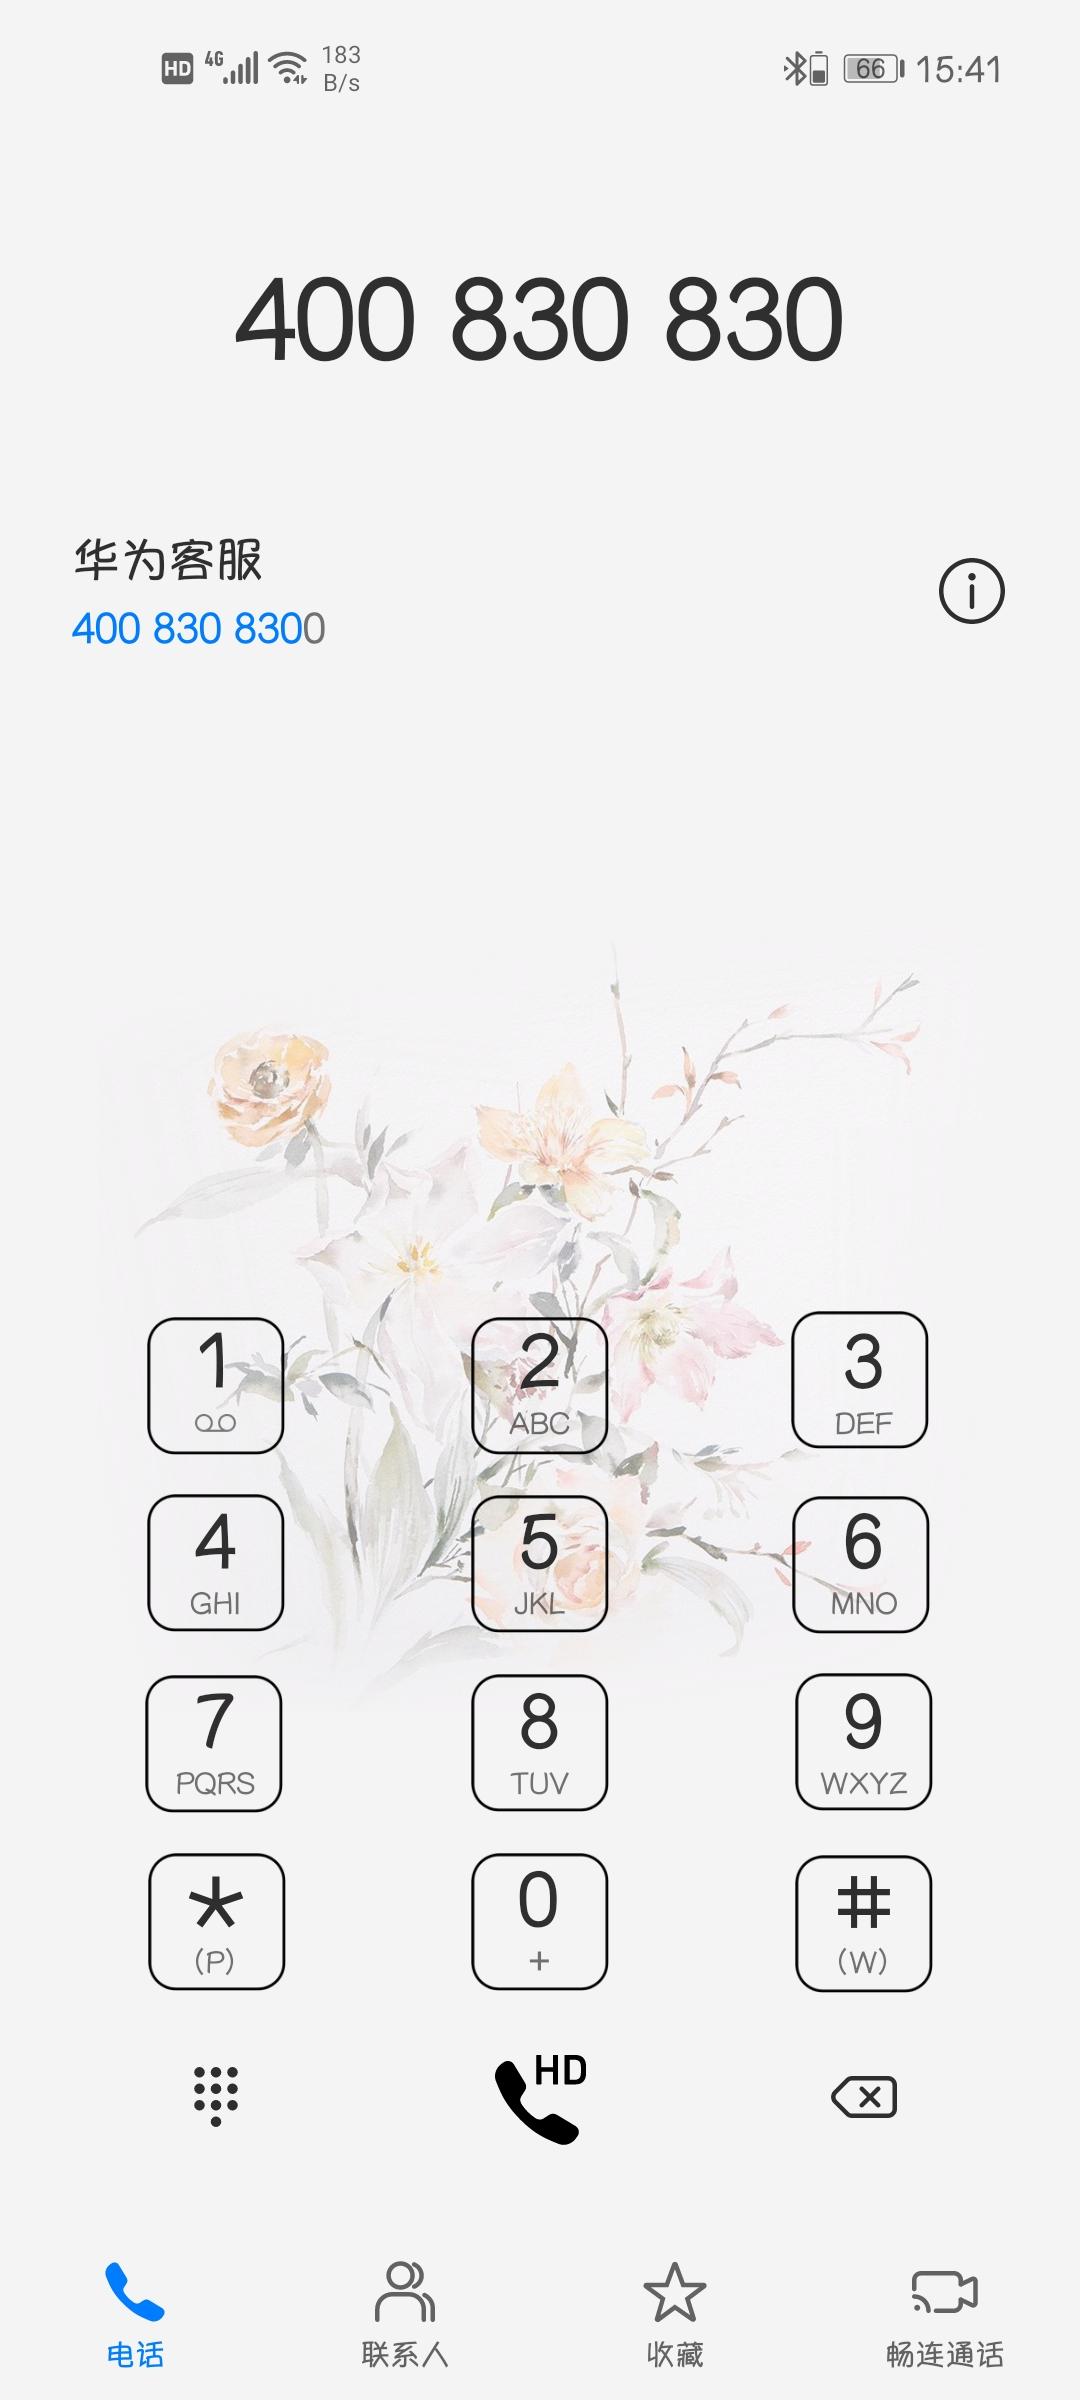 Screenshot_20200524_154141_com.huawei.contacts.jpg